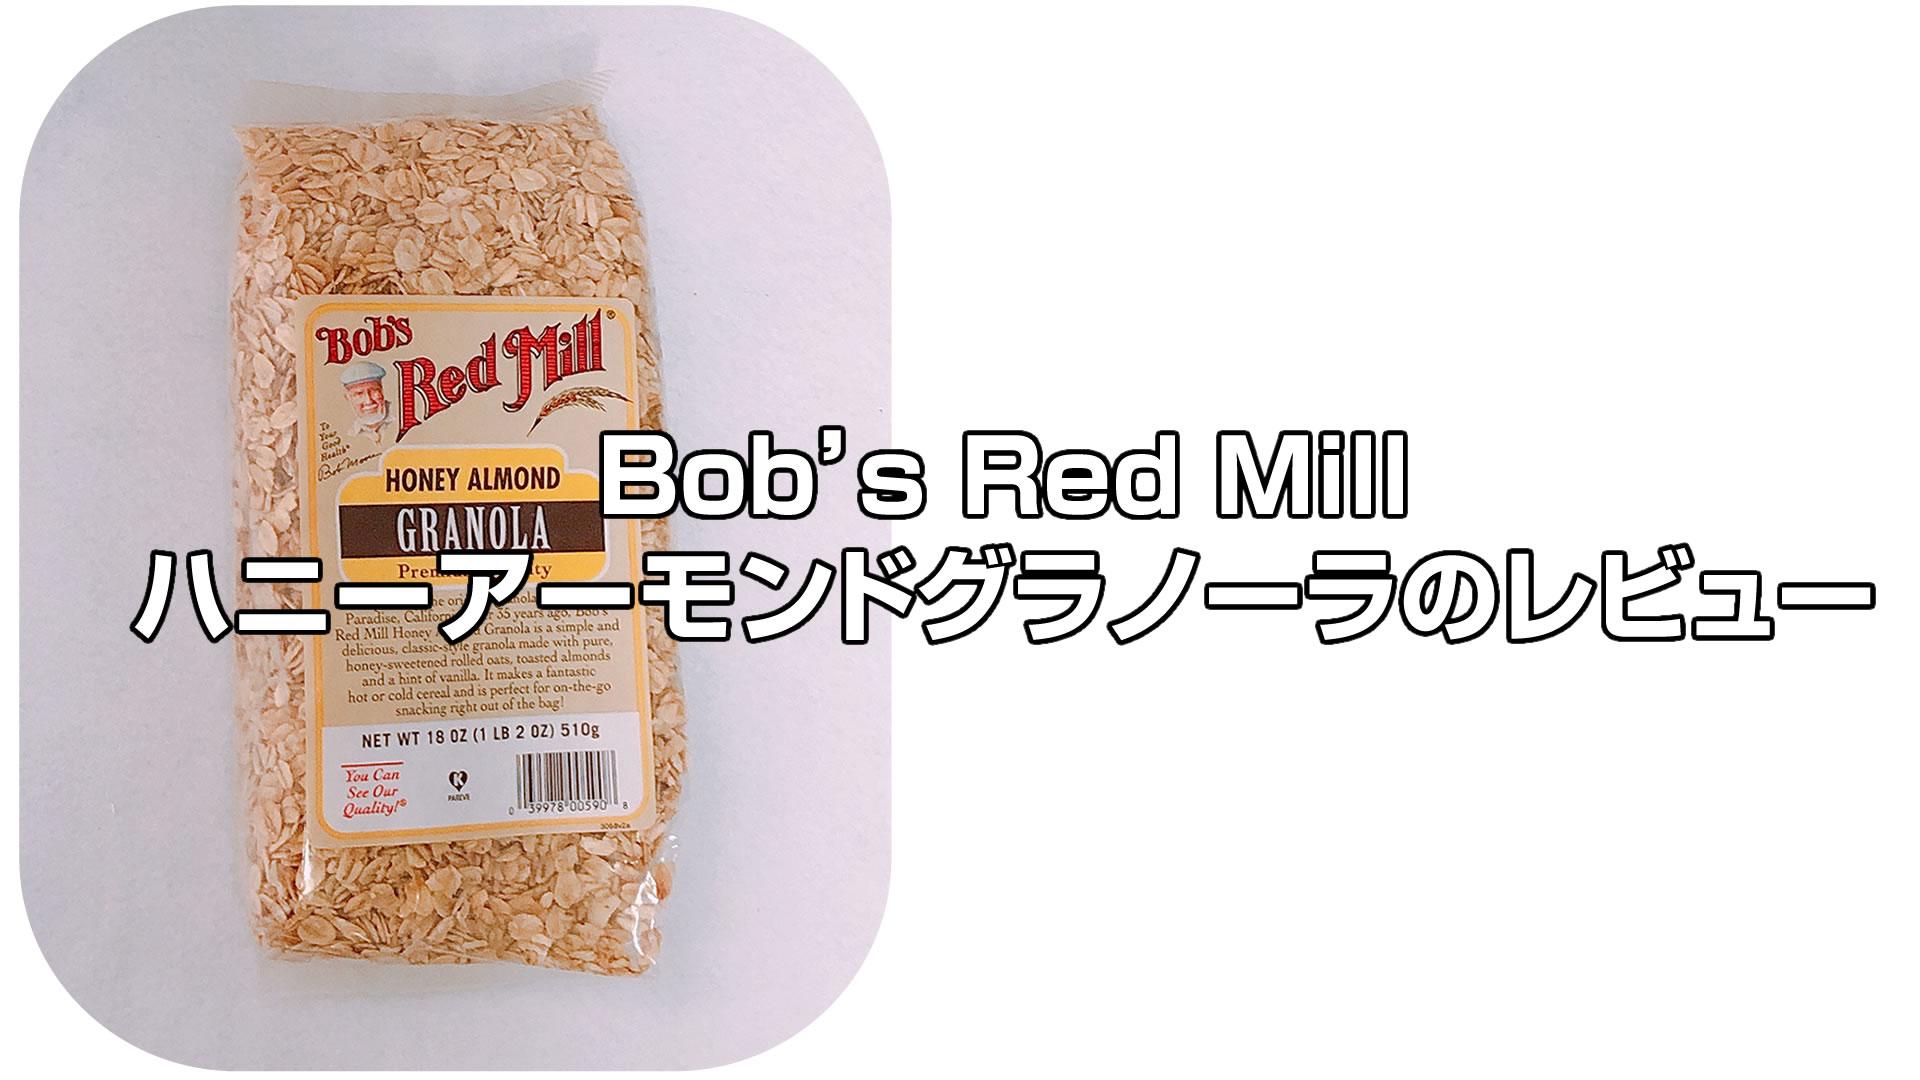 香ばしくて美味しいBob's Red Mill ハニーアーモンドグラノーラのレビュー